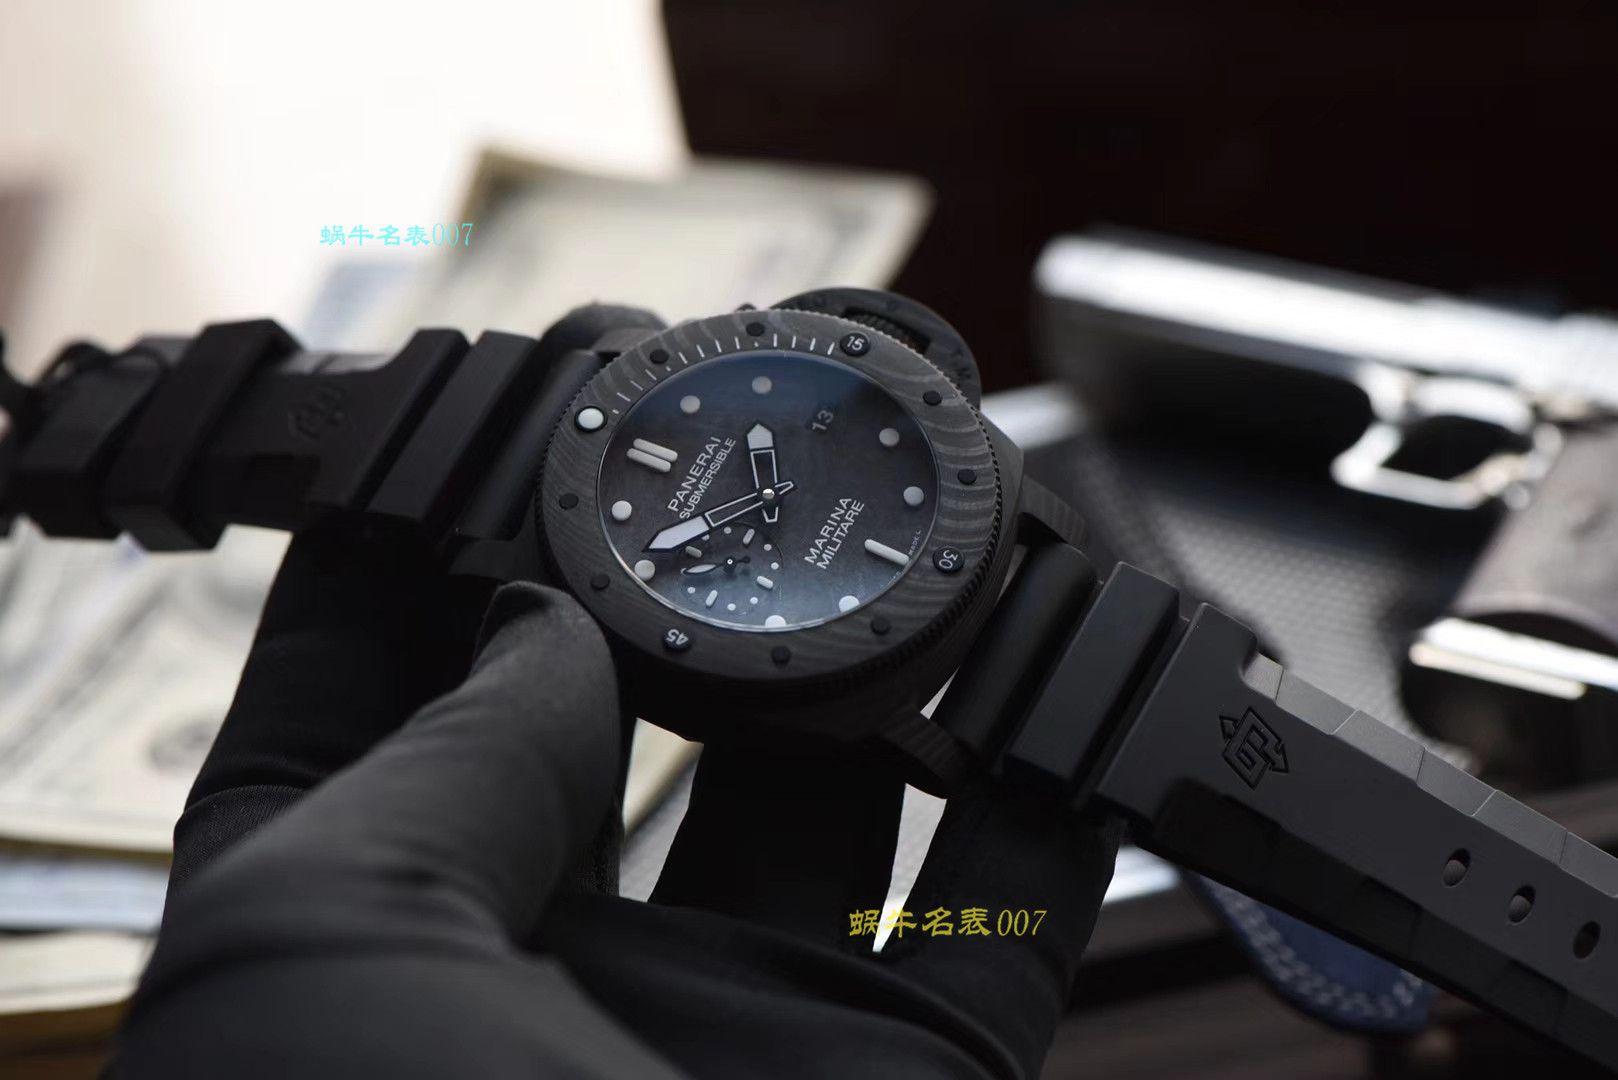 【vs厂沛纳海复刻手表】沛纳海SUBMERSIBLE 潜行系列PAM00979腕表